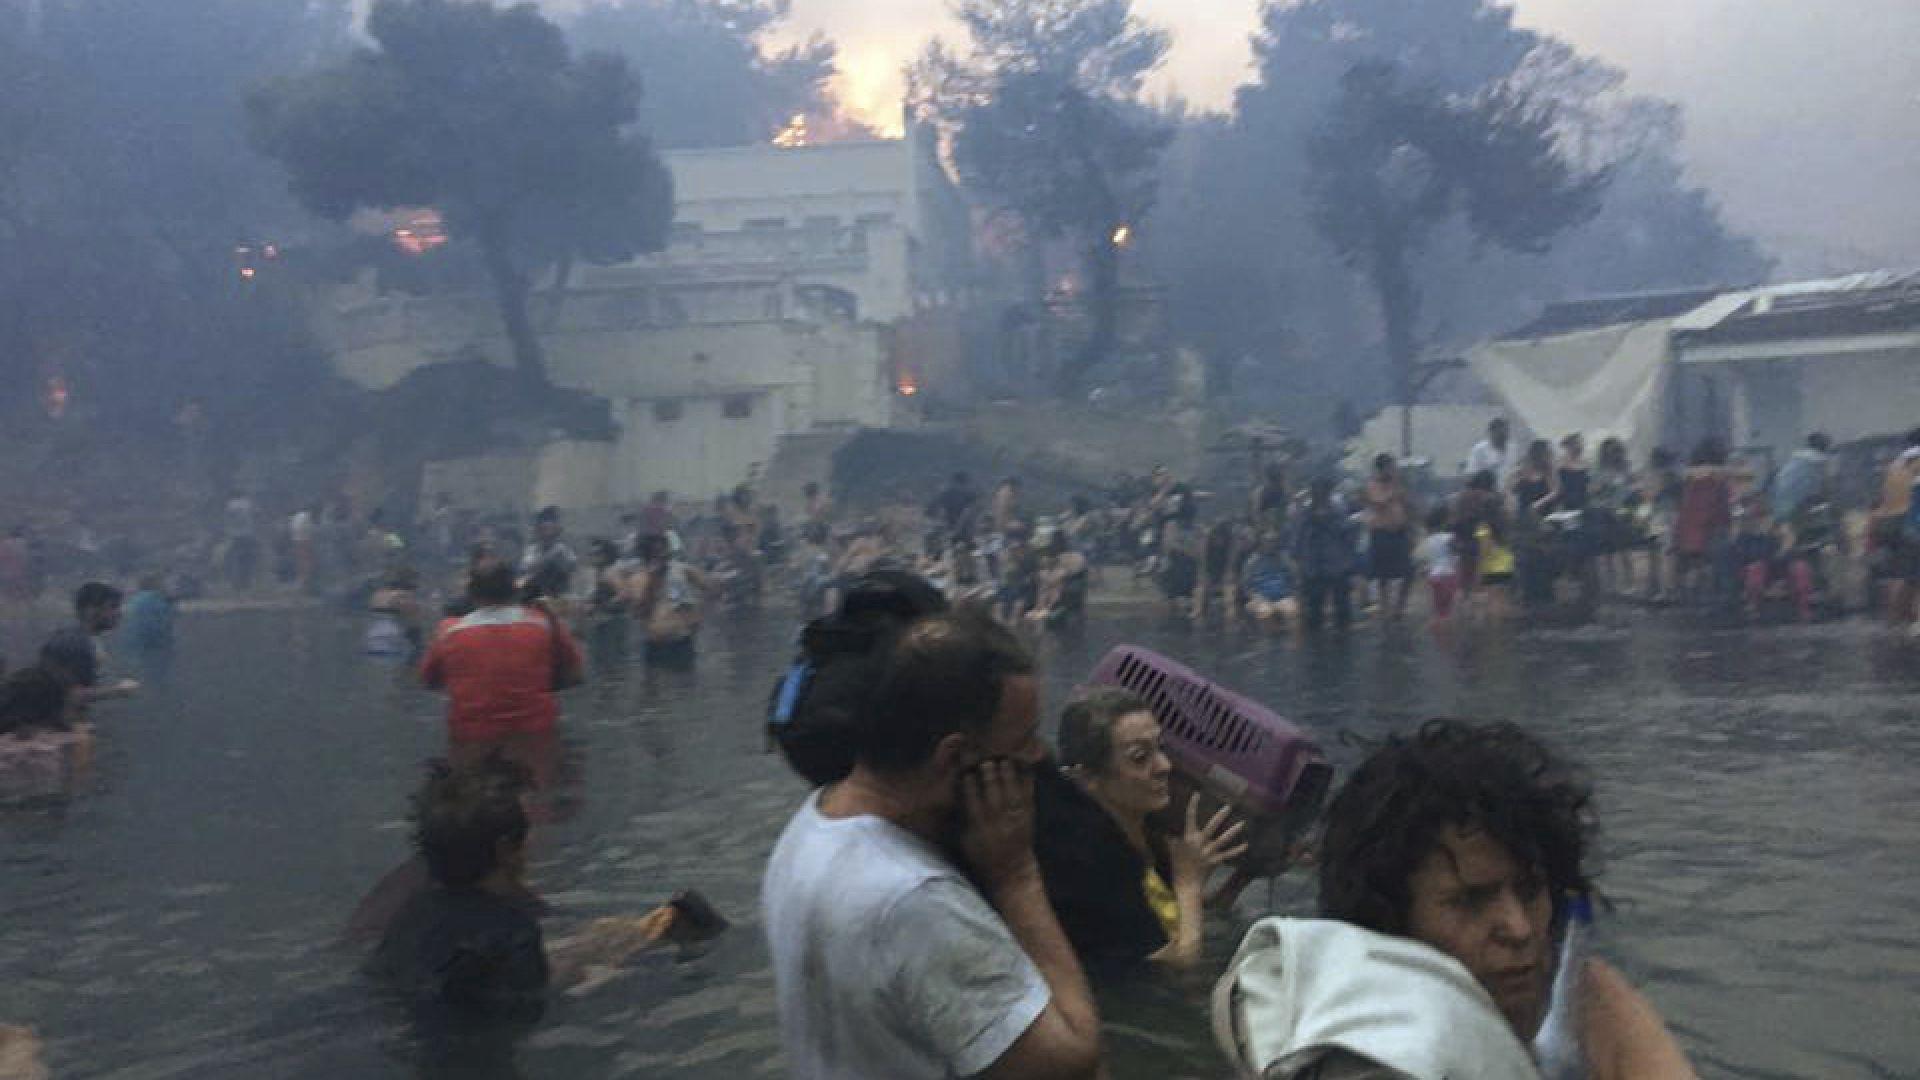 Овъглено тяло изплува до брега на Вулягмени в Атина